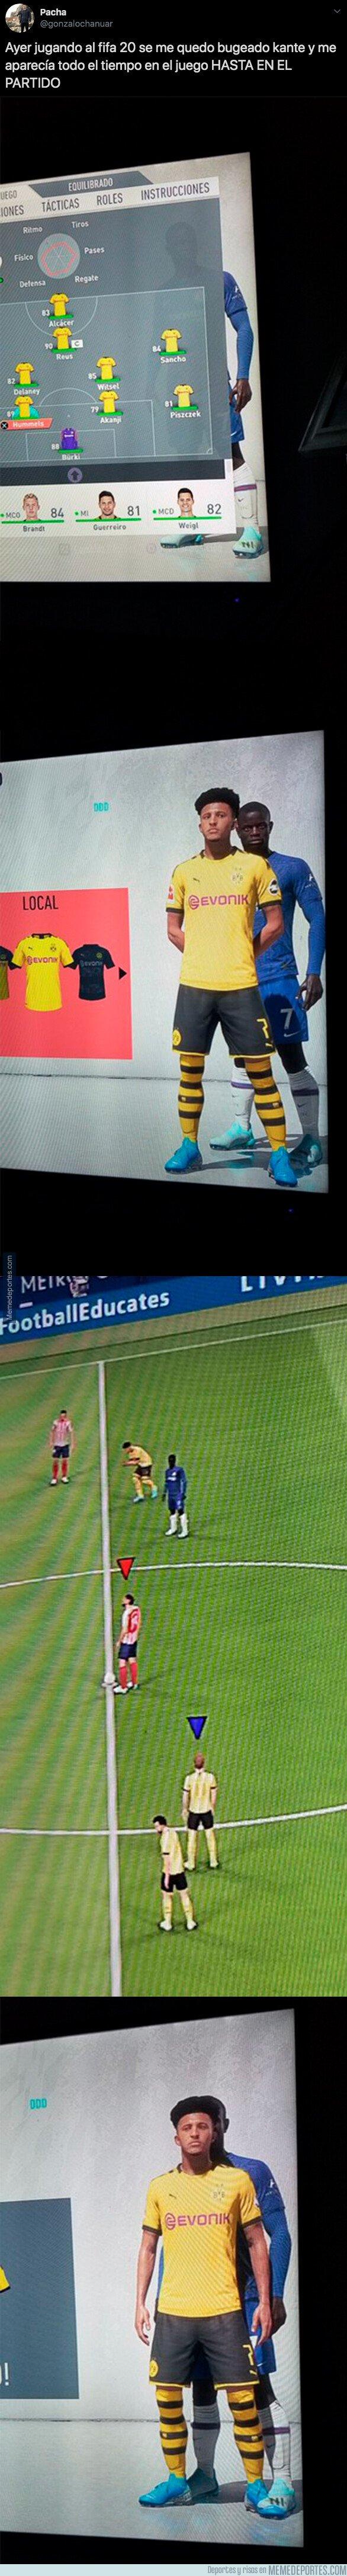 1089868 - El bug del FIFA 20 con Kanté como protagonista con el que se está riendo todo el mundo